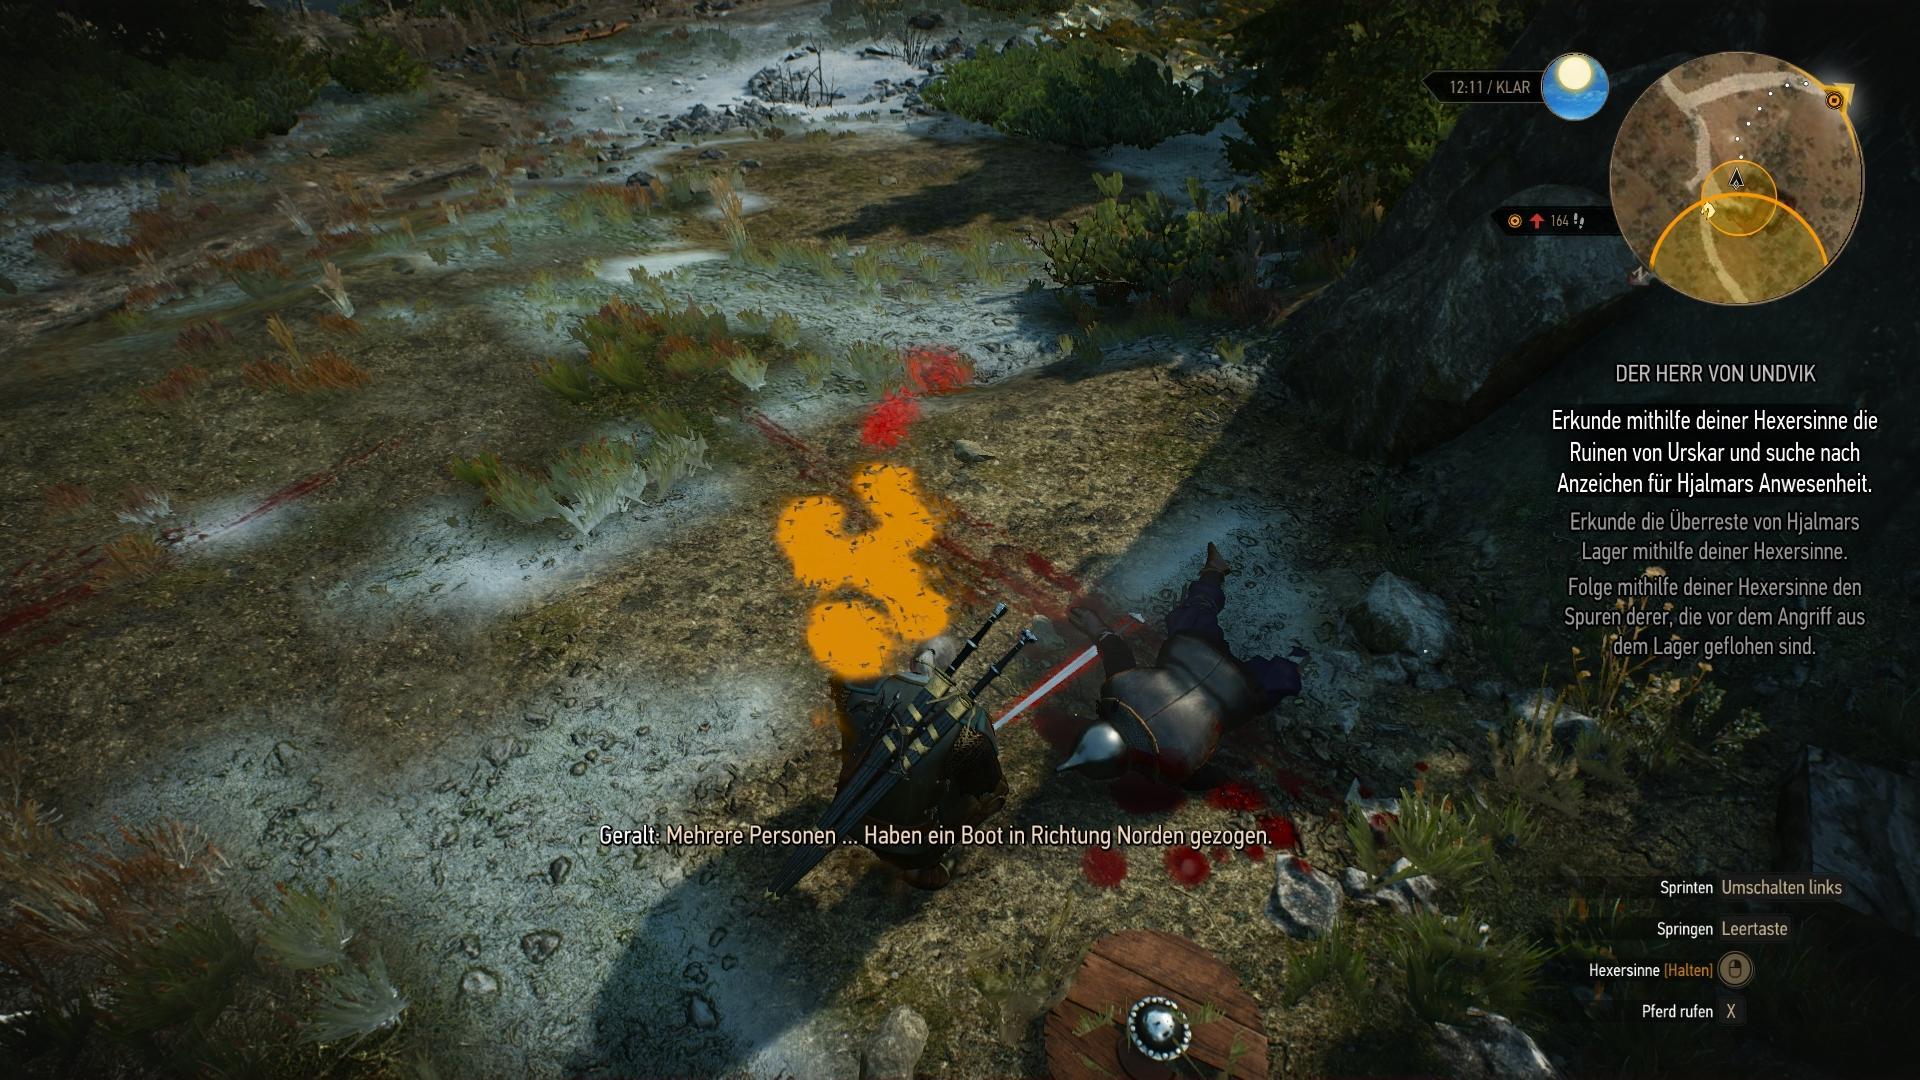 22+ Witcher 3 Vigi Retten Images